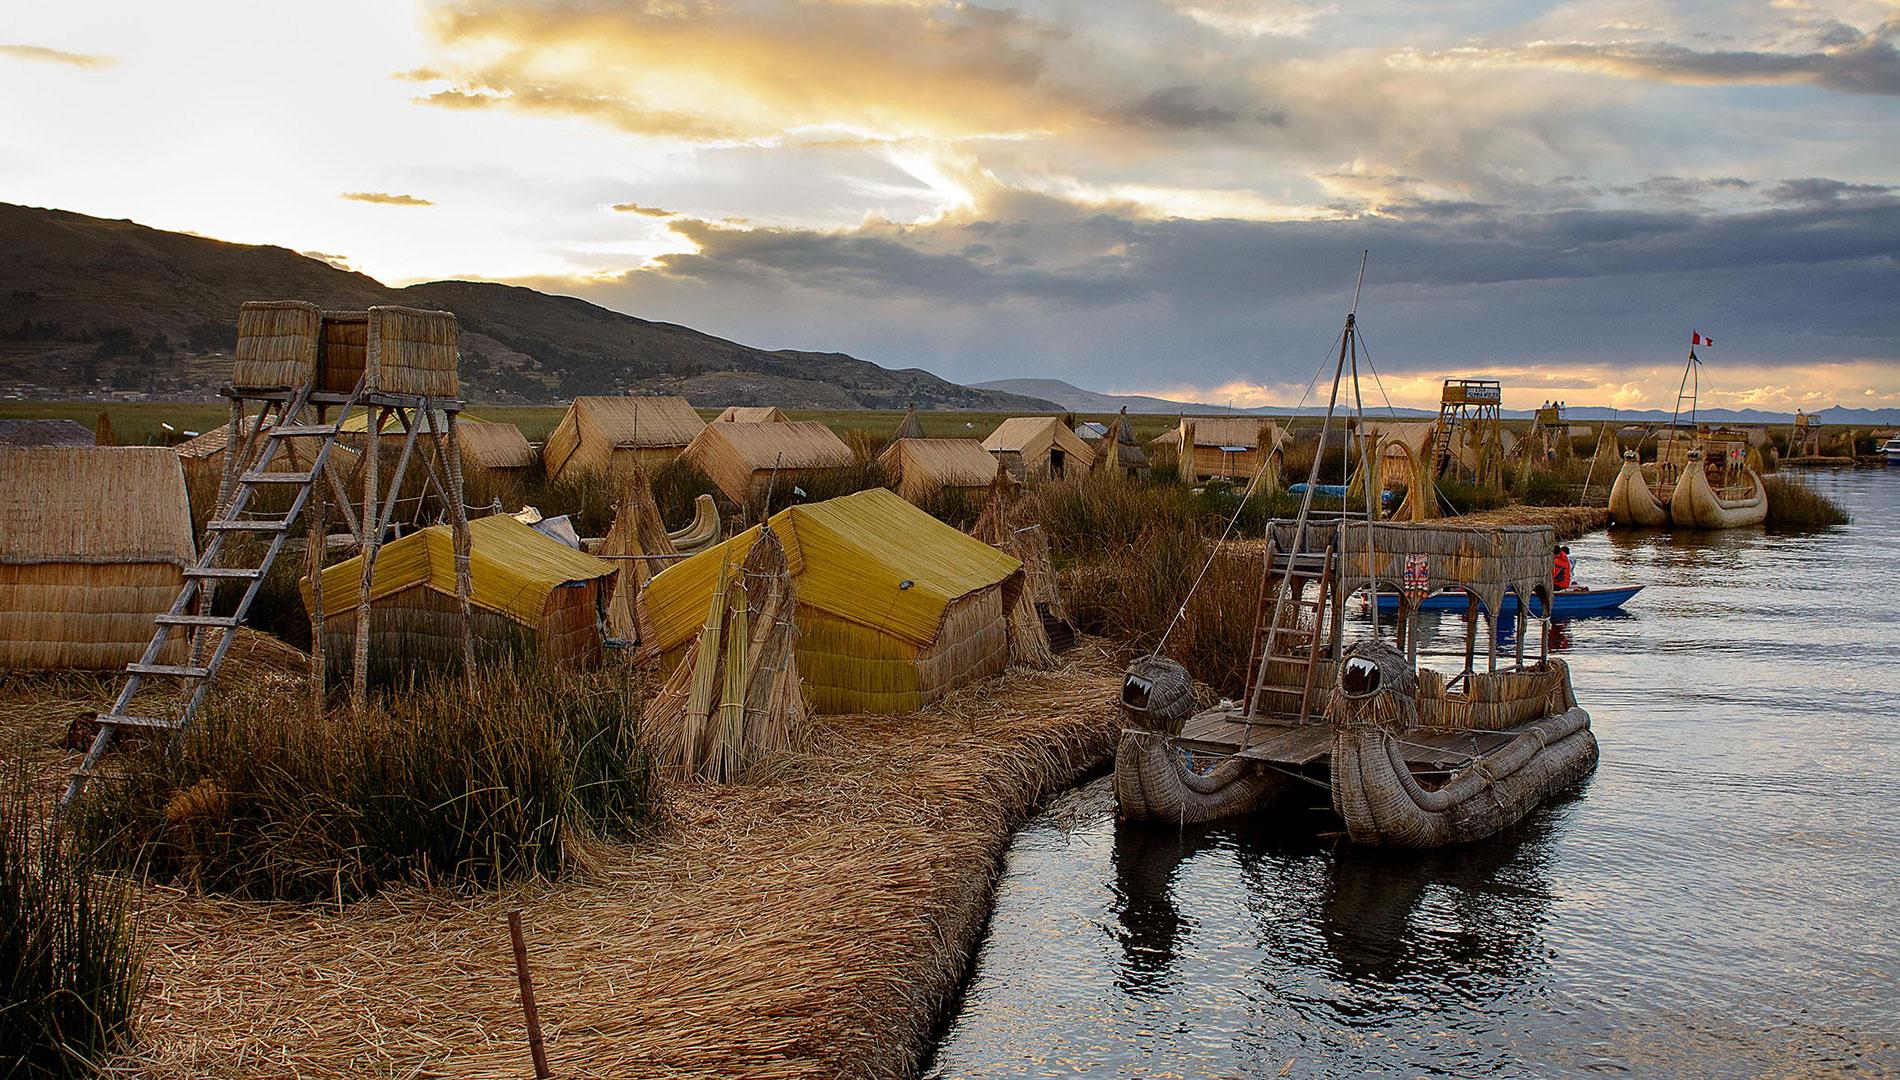 MachuPicchu & Lake Titicaca